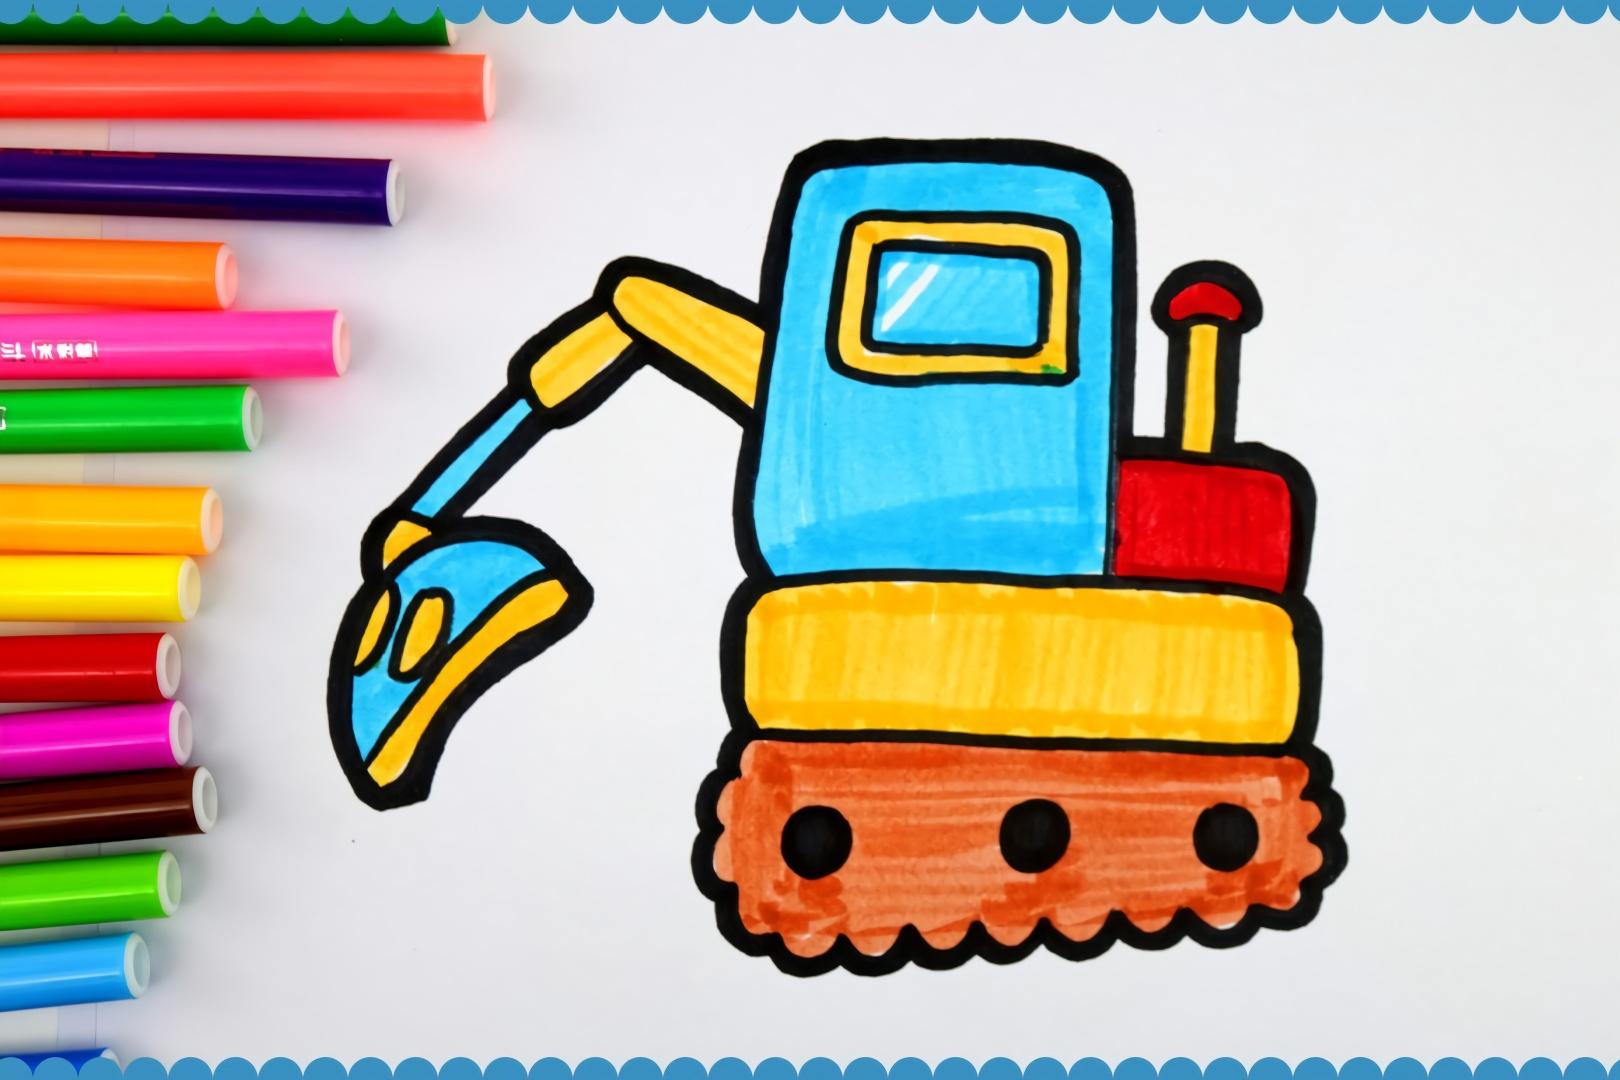 画一辆卡通挖掘机,幼儿趣味简笔画.